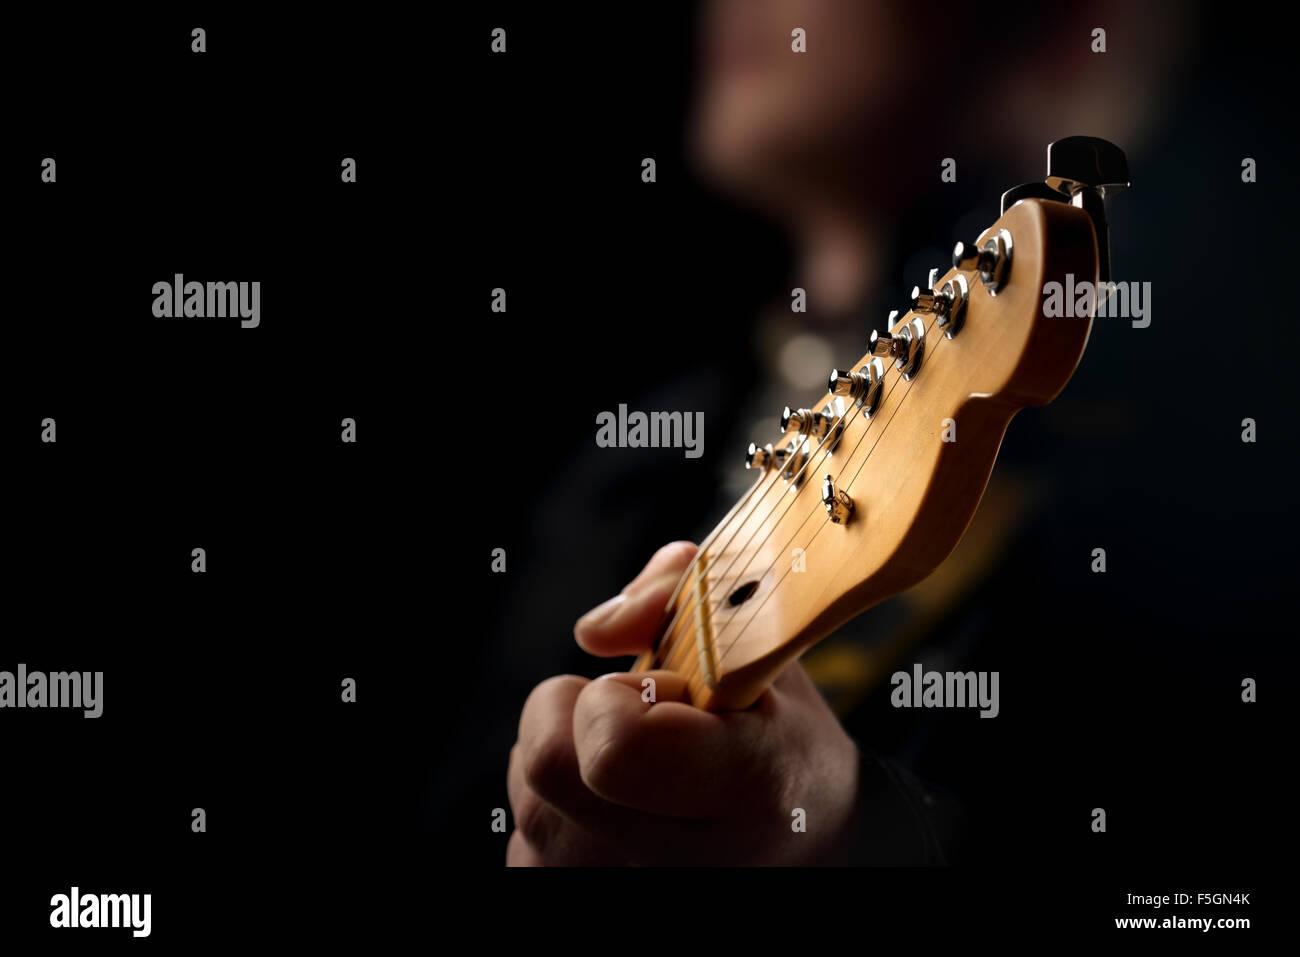 Gitarrist auf der Bühne - Nahaufnahme mit selektiven Fokus auf Gitarre Kopf Stockbild